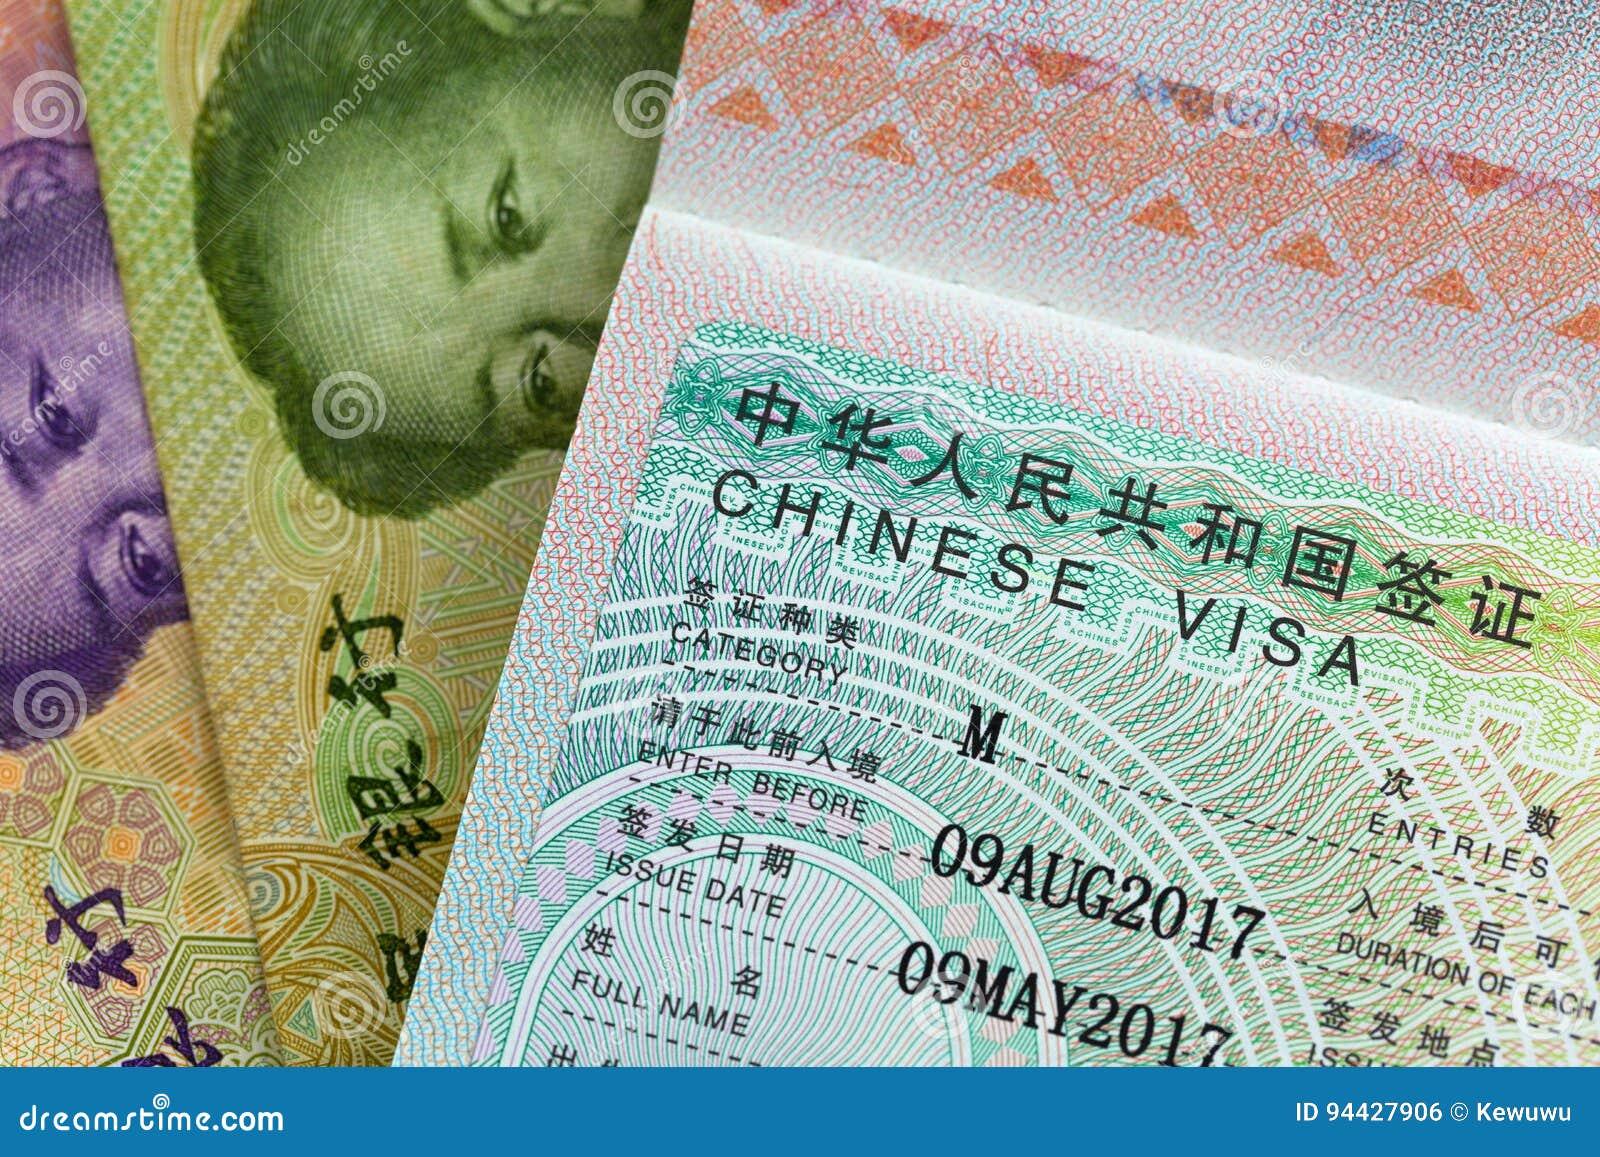 Chinese money. Chinese money: names. Chinese money: photo